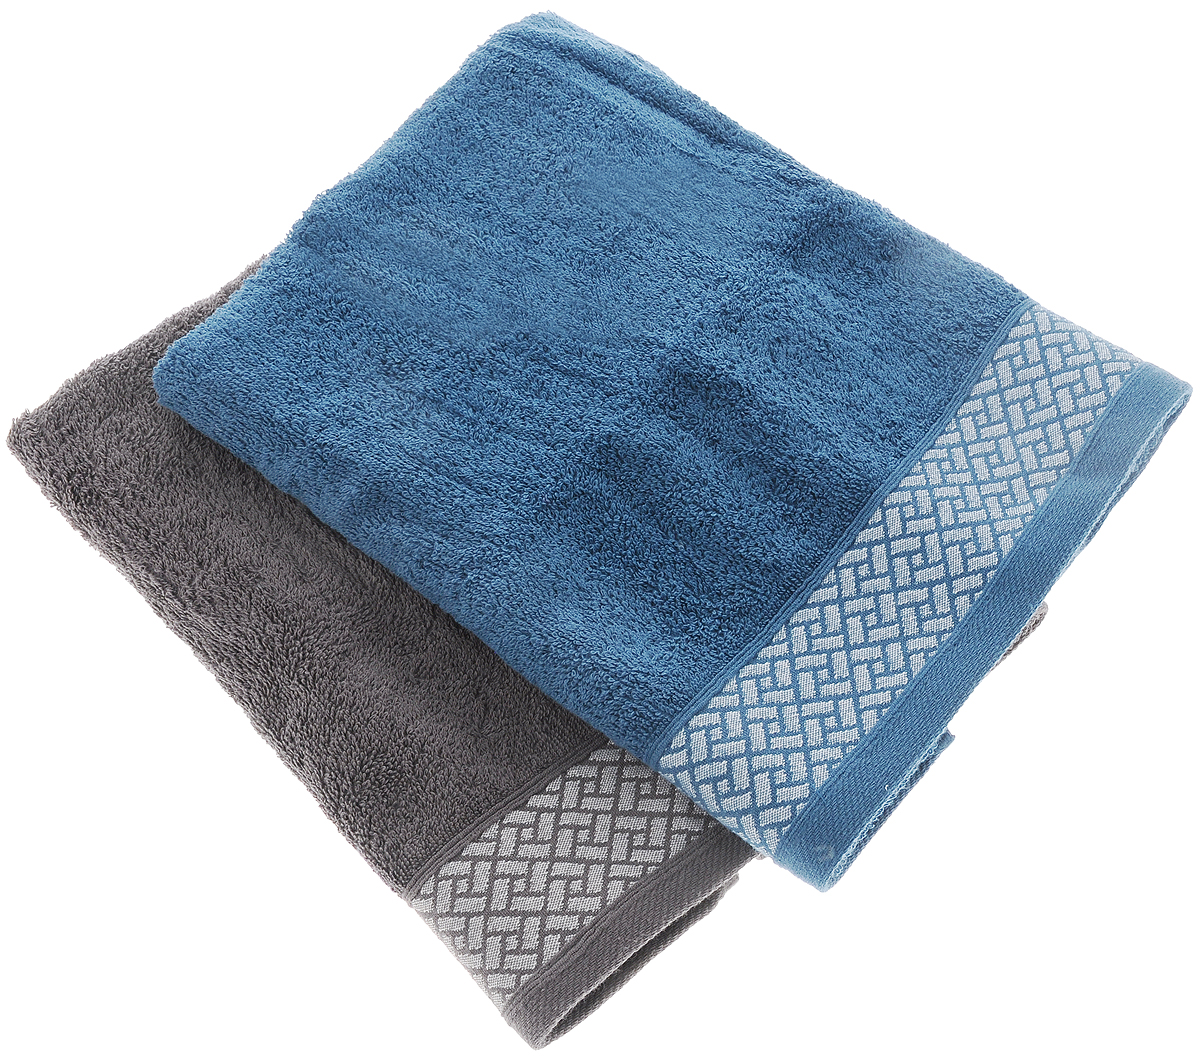 Набор полотенец Tete-a-Tete Лабиринт, цвет: серый, синий, 50 х 90 см, 2 штУП-109-06-2кНабор Tete-a-Tete Лабиринт состоит из двух махровых полотенец, выполненных из натурального 100% хлопка. Бордюр полотенец декорирован геометрическим узором. Изделия мягкие, отлично впитывают влагу, быстро сохнут, сохраняют яркость цвета и не теряют форму даже после многократных стирок. Полотенца Tete-a-Tete Лабиринт очень практичны и неприхотливы в уходе. Они легко впишутся в любой интерьер благодаря своей нежной цветовой гамме. Набор упакован в красивую коробку и может послужить отличной идеей подарка.Размер полотенец: 50 х 90 см.